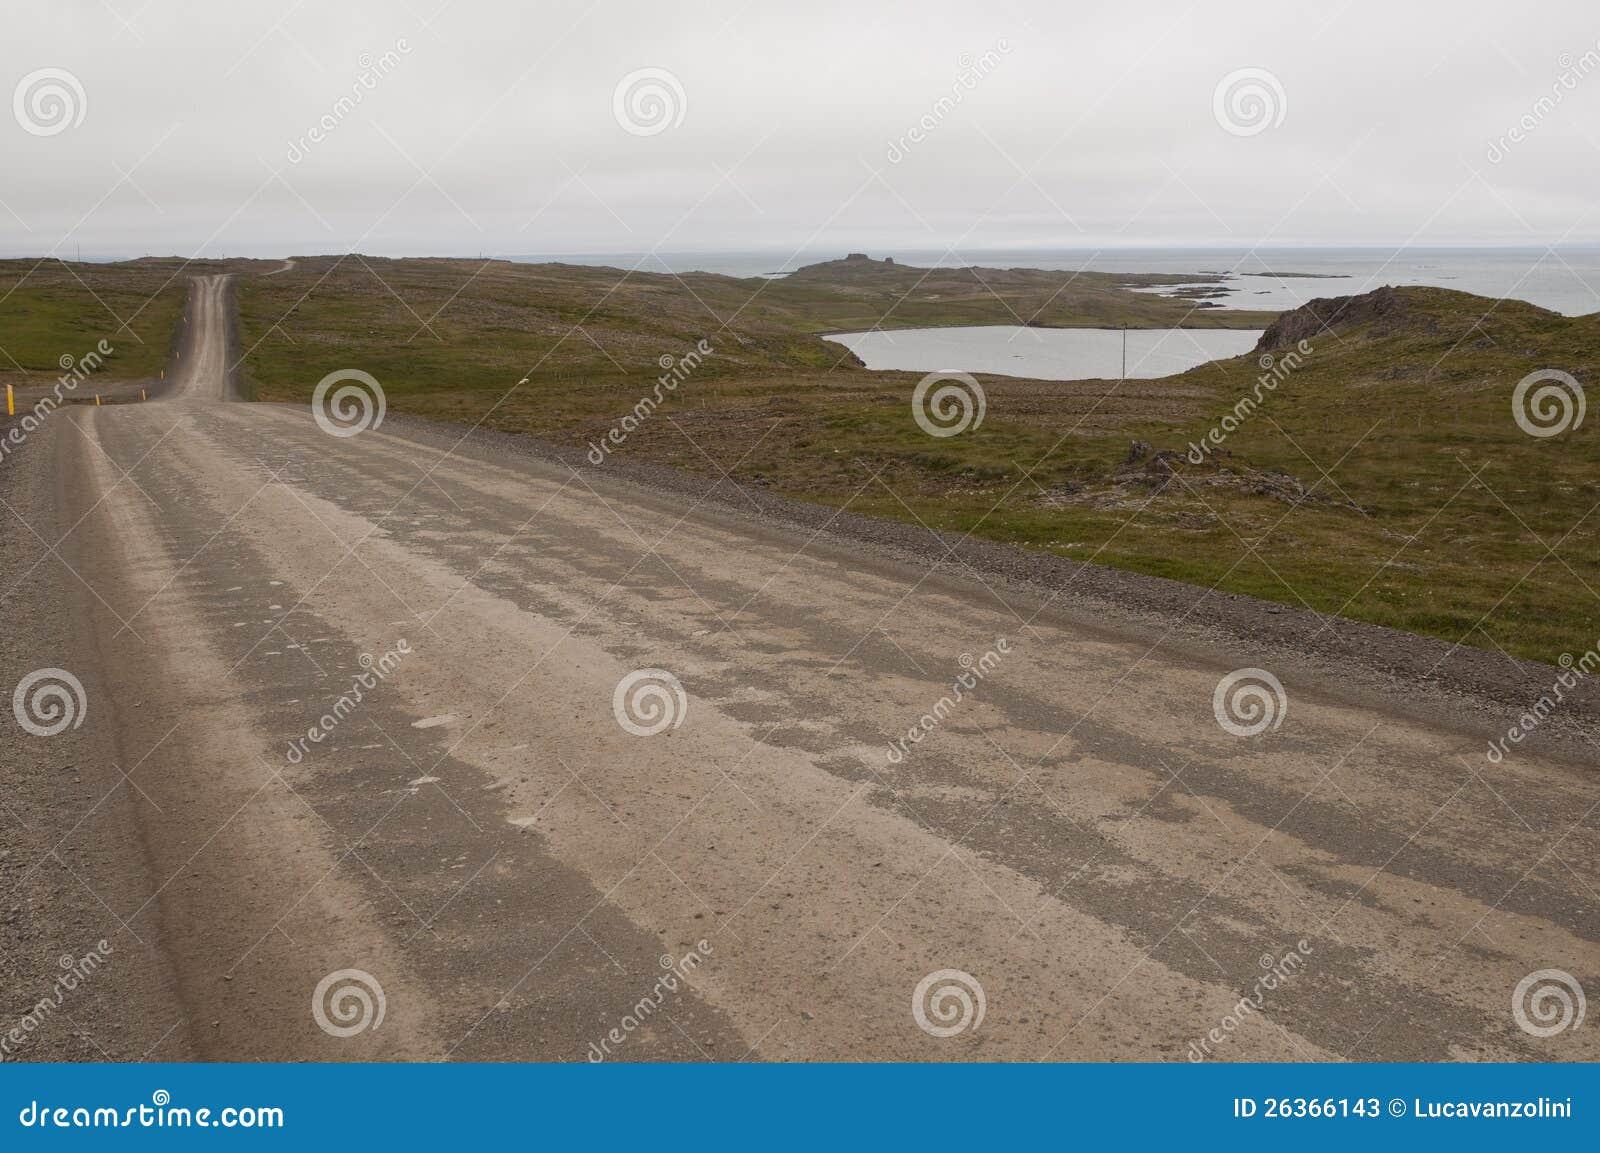 Reise auf der Straße in Island